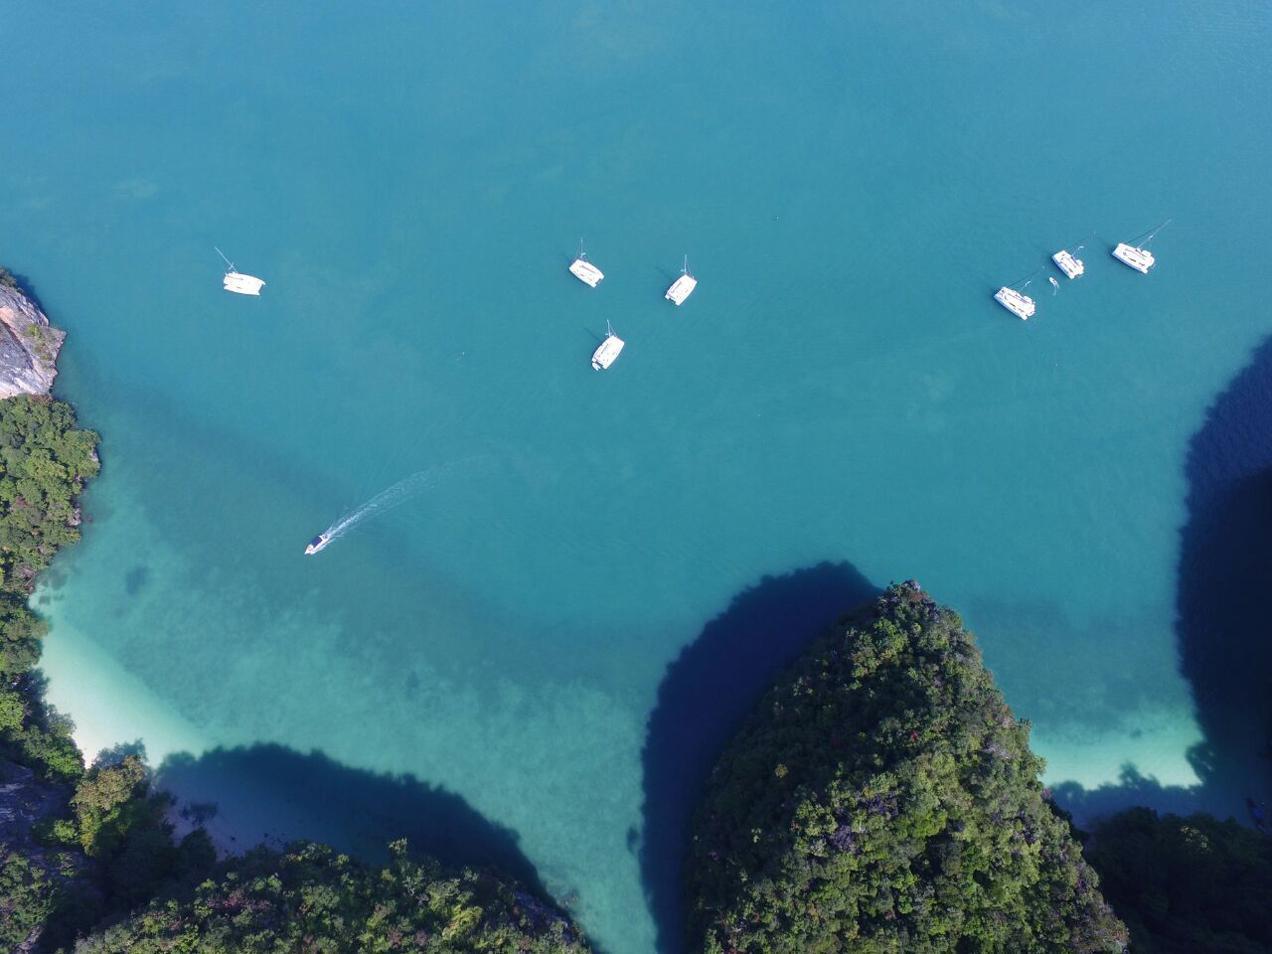 צילום מלמעלה על מפרץ פוקט